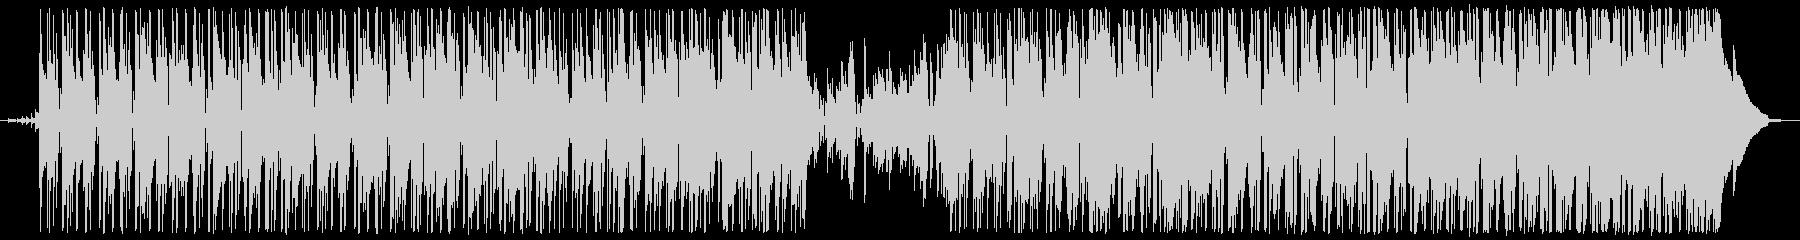 緊張感のあるクールなファンクBGMの未再生の波形